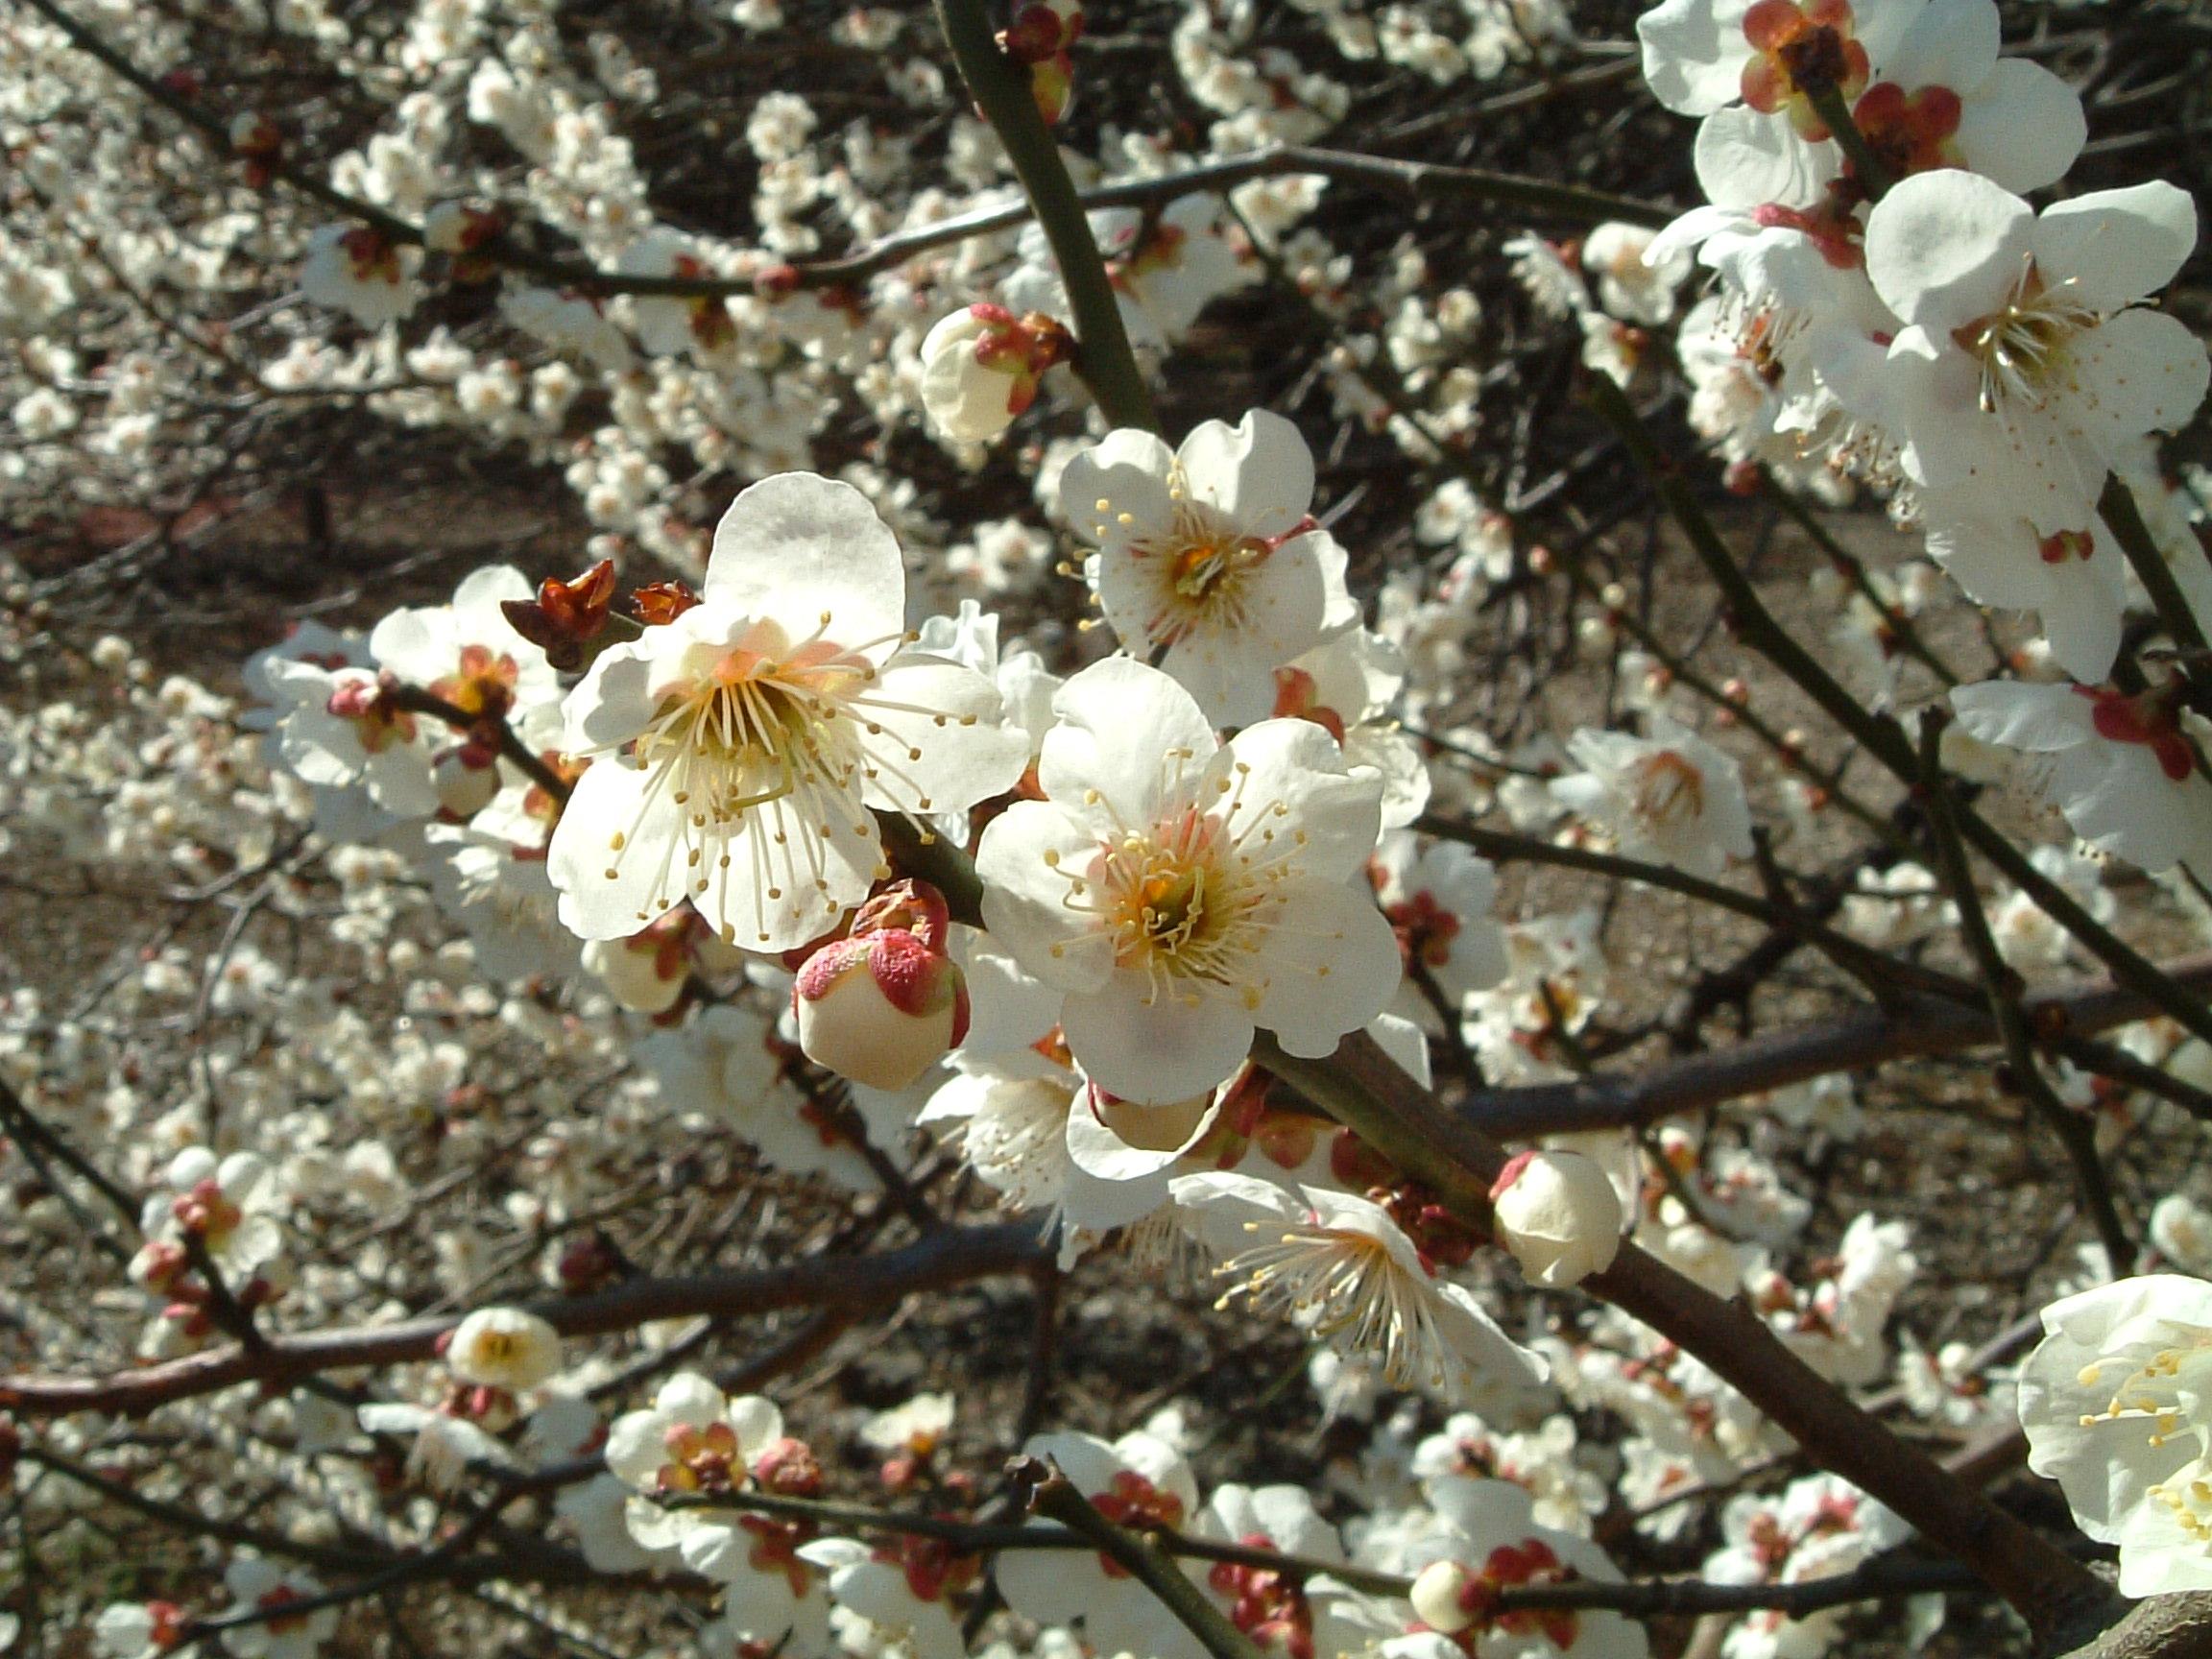 Ume_blossom_2005.03.14.jpg